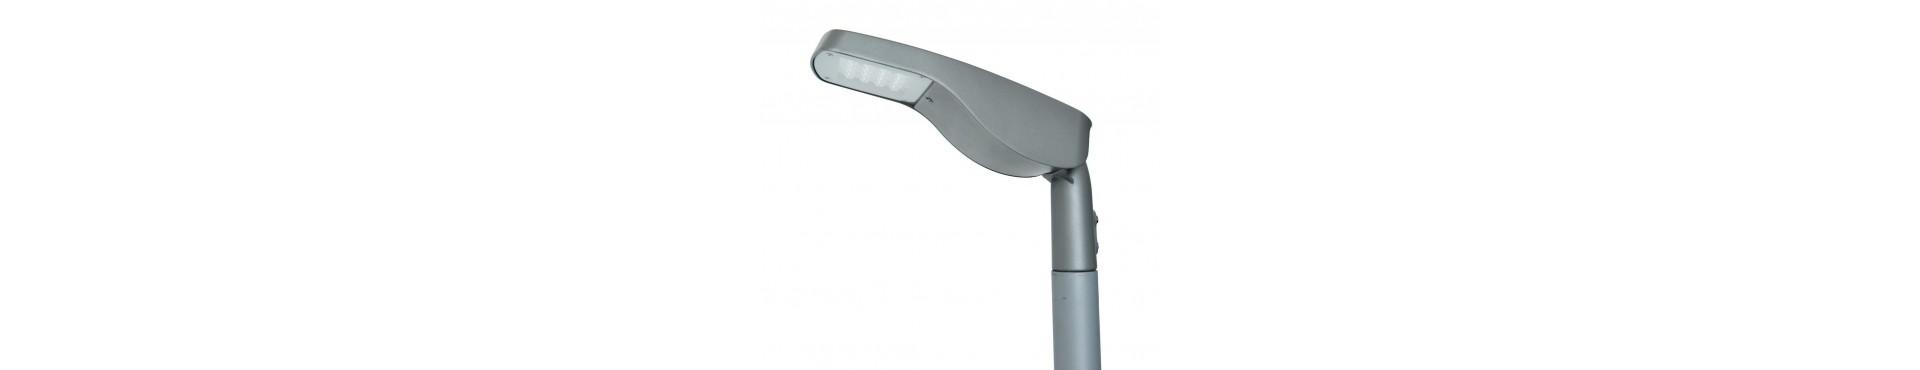 LED industri armatur - Hurtig levering af LED armaturer